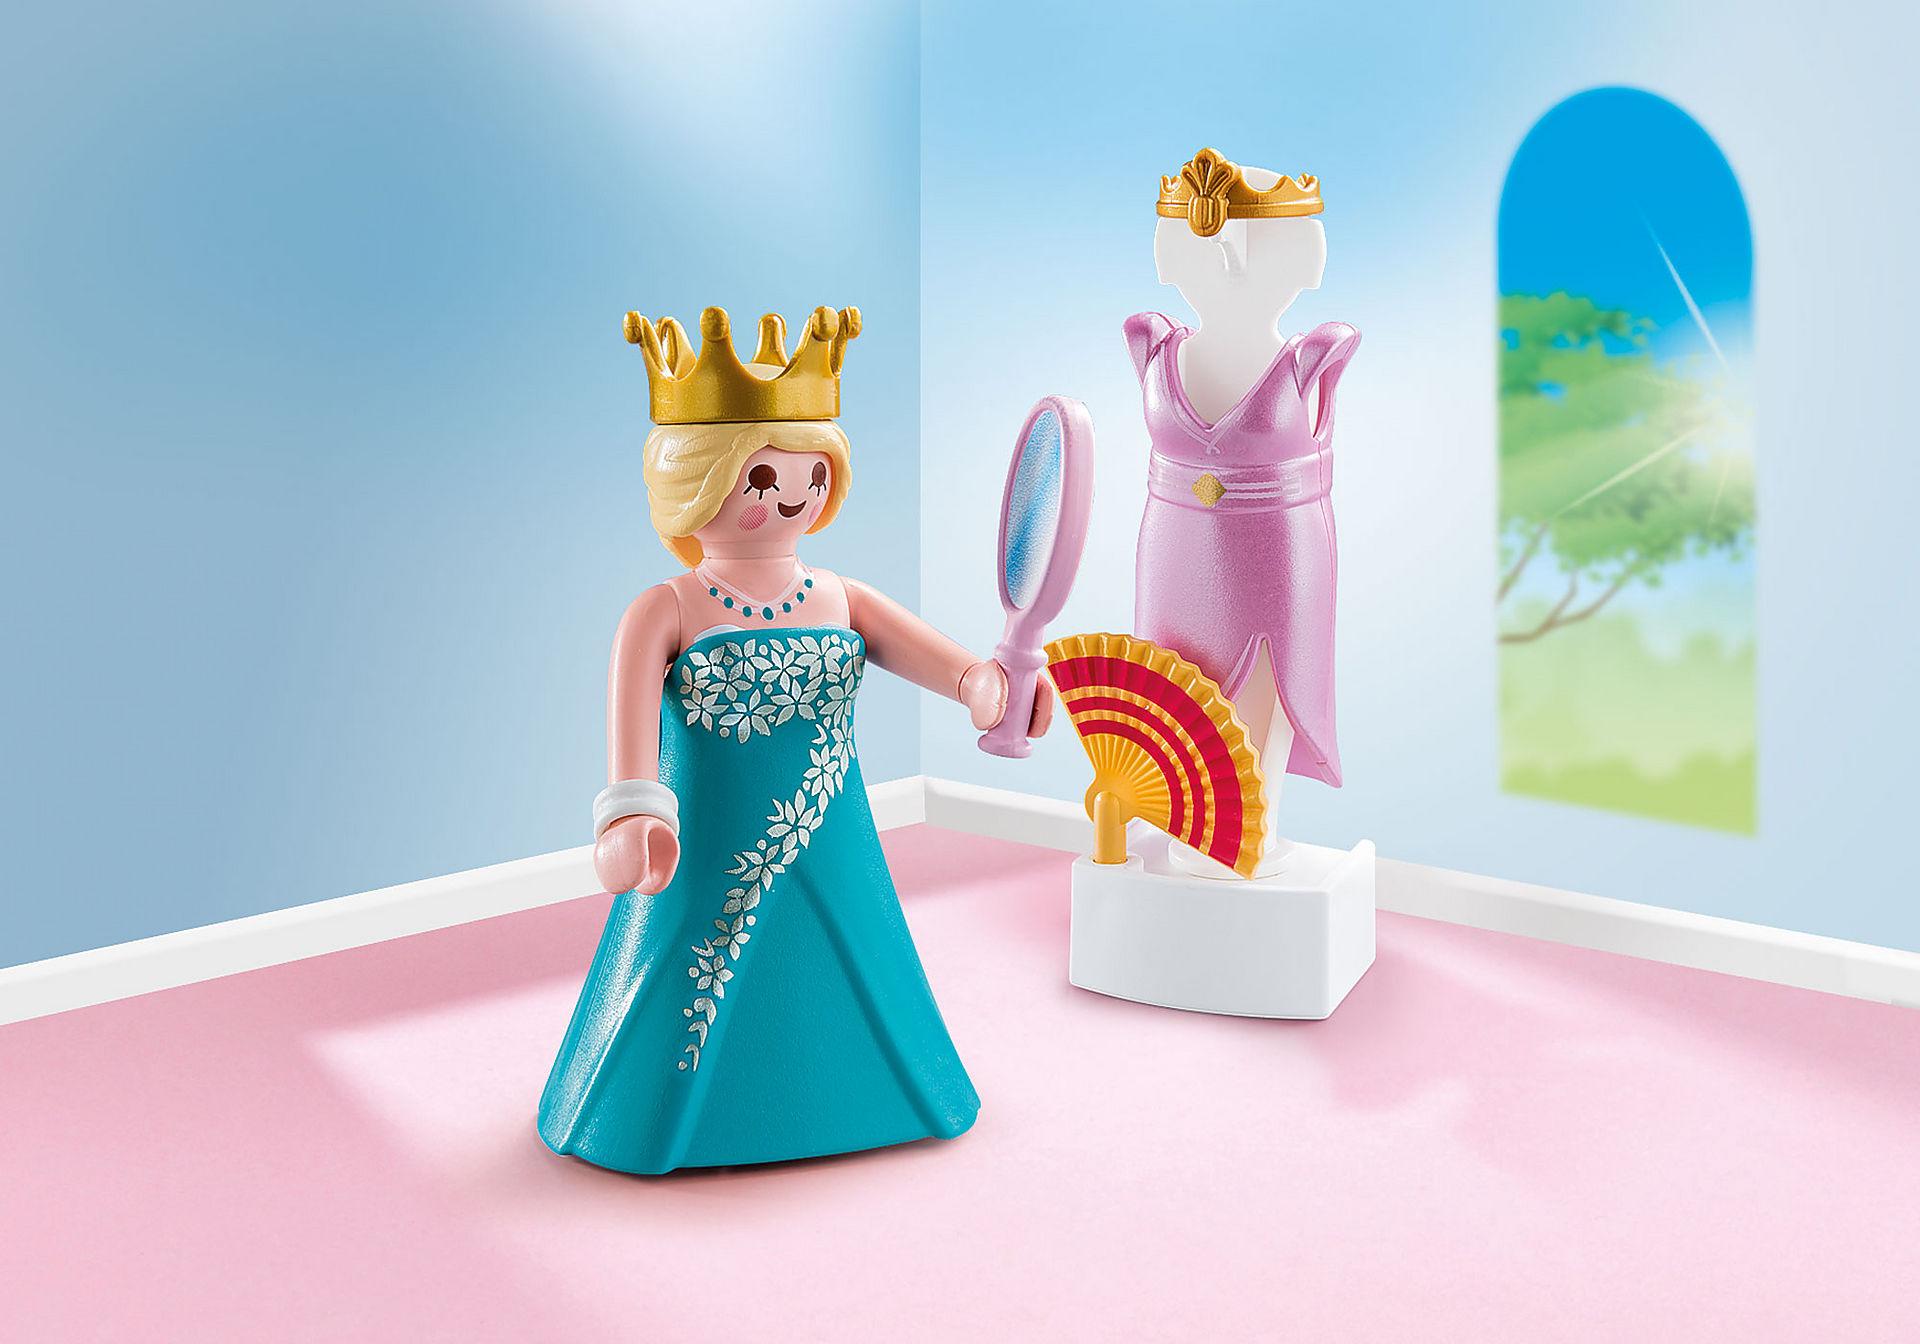 70153 Princesa con Maniquí zoom image1